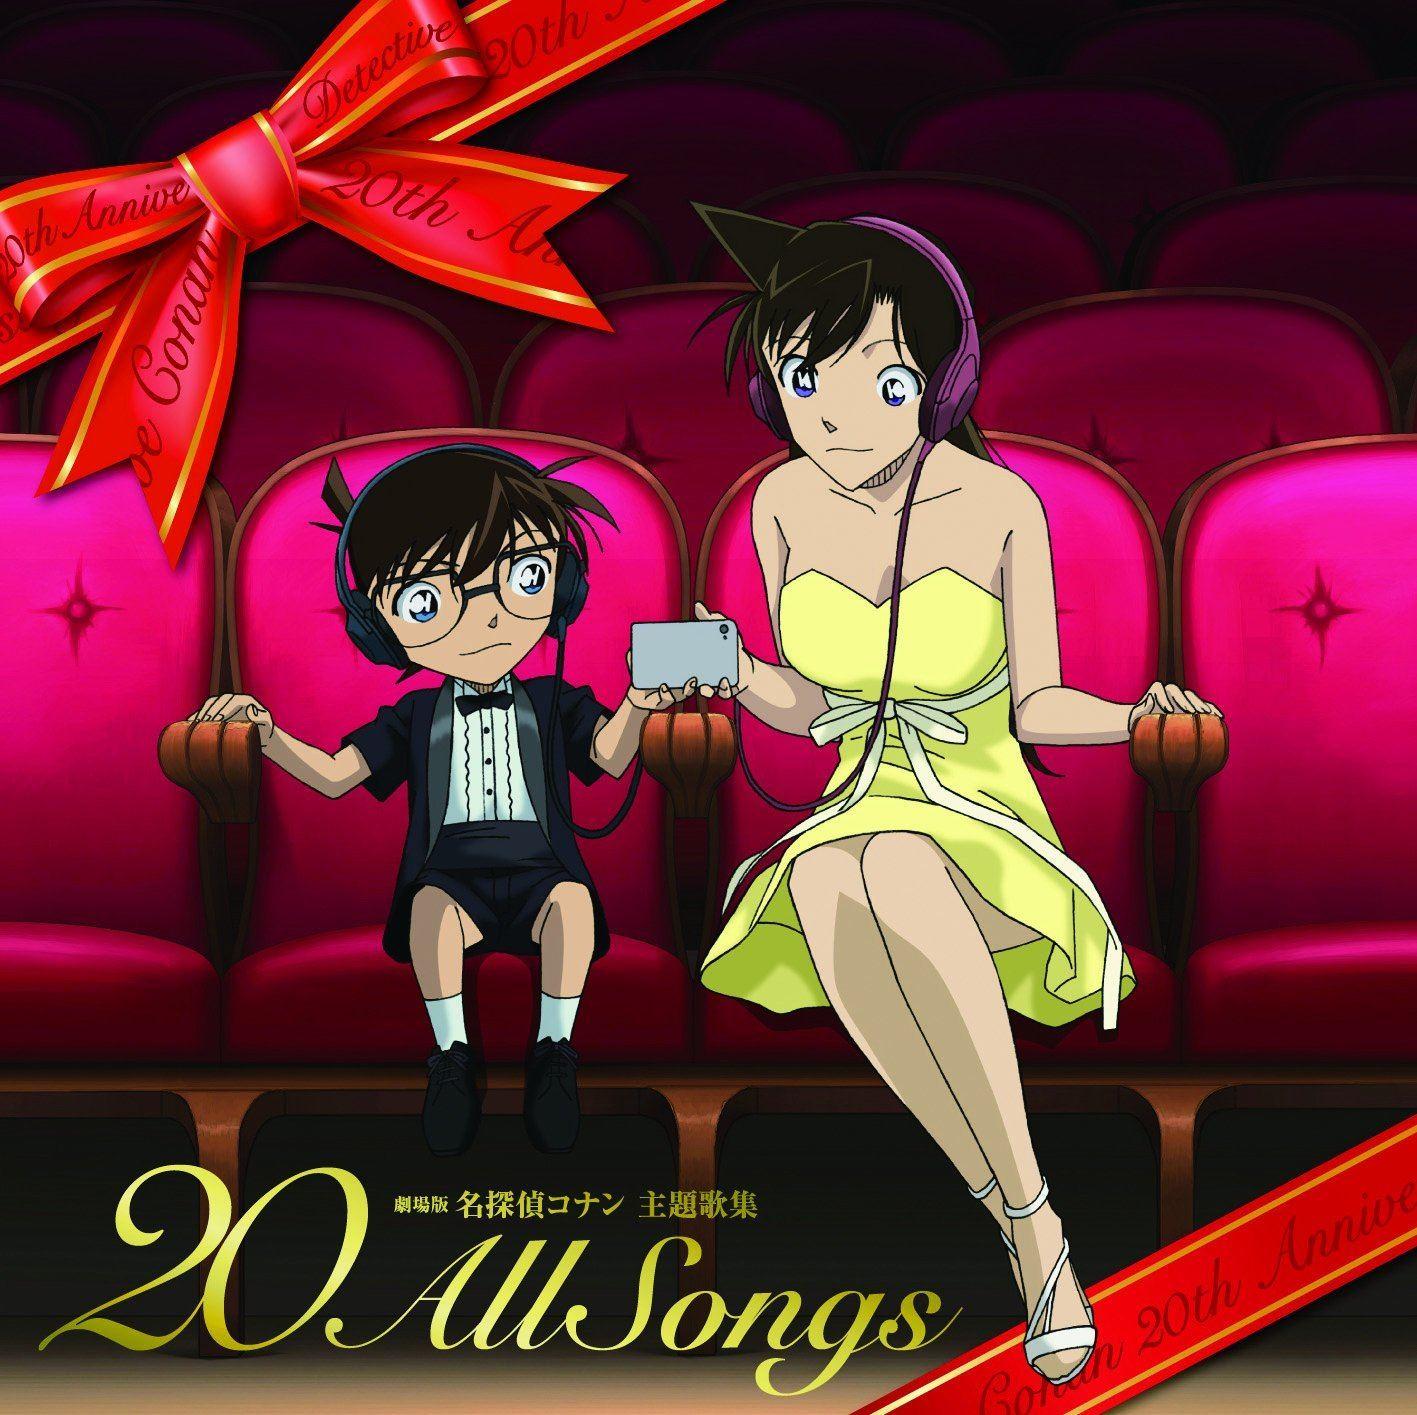 20 All Songs Theatrical Anime Detective Conan Shudaika Shu Main Theme Song Collection